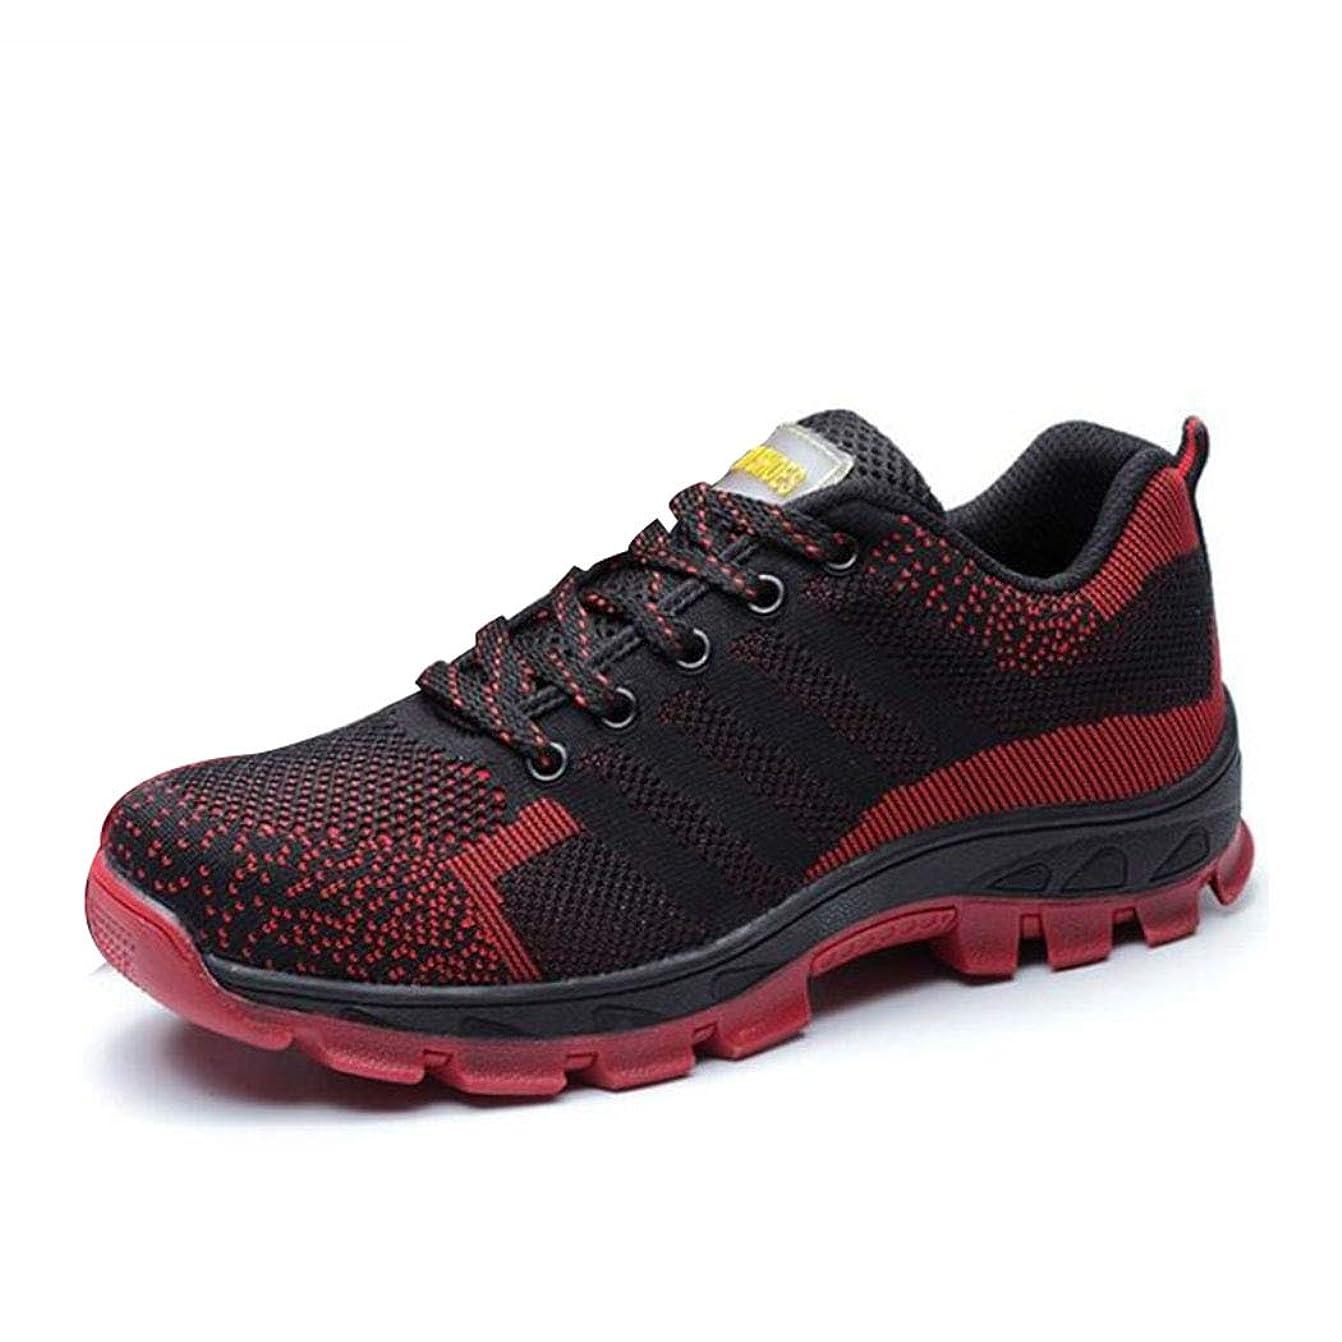 つなぐルート致命的な作業靴 メンズ レディース 安全靴 スニーカー 鋼先芯 鋼製ミッドソール 防滑 通気 耐磨耗 衝撃吸収